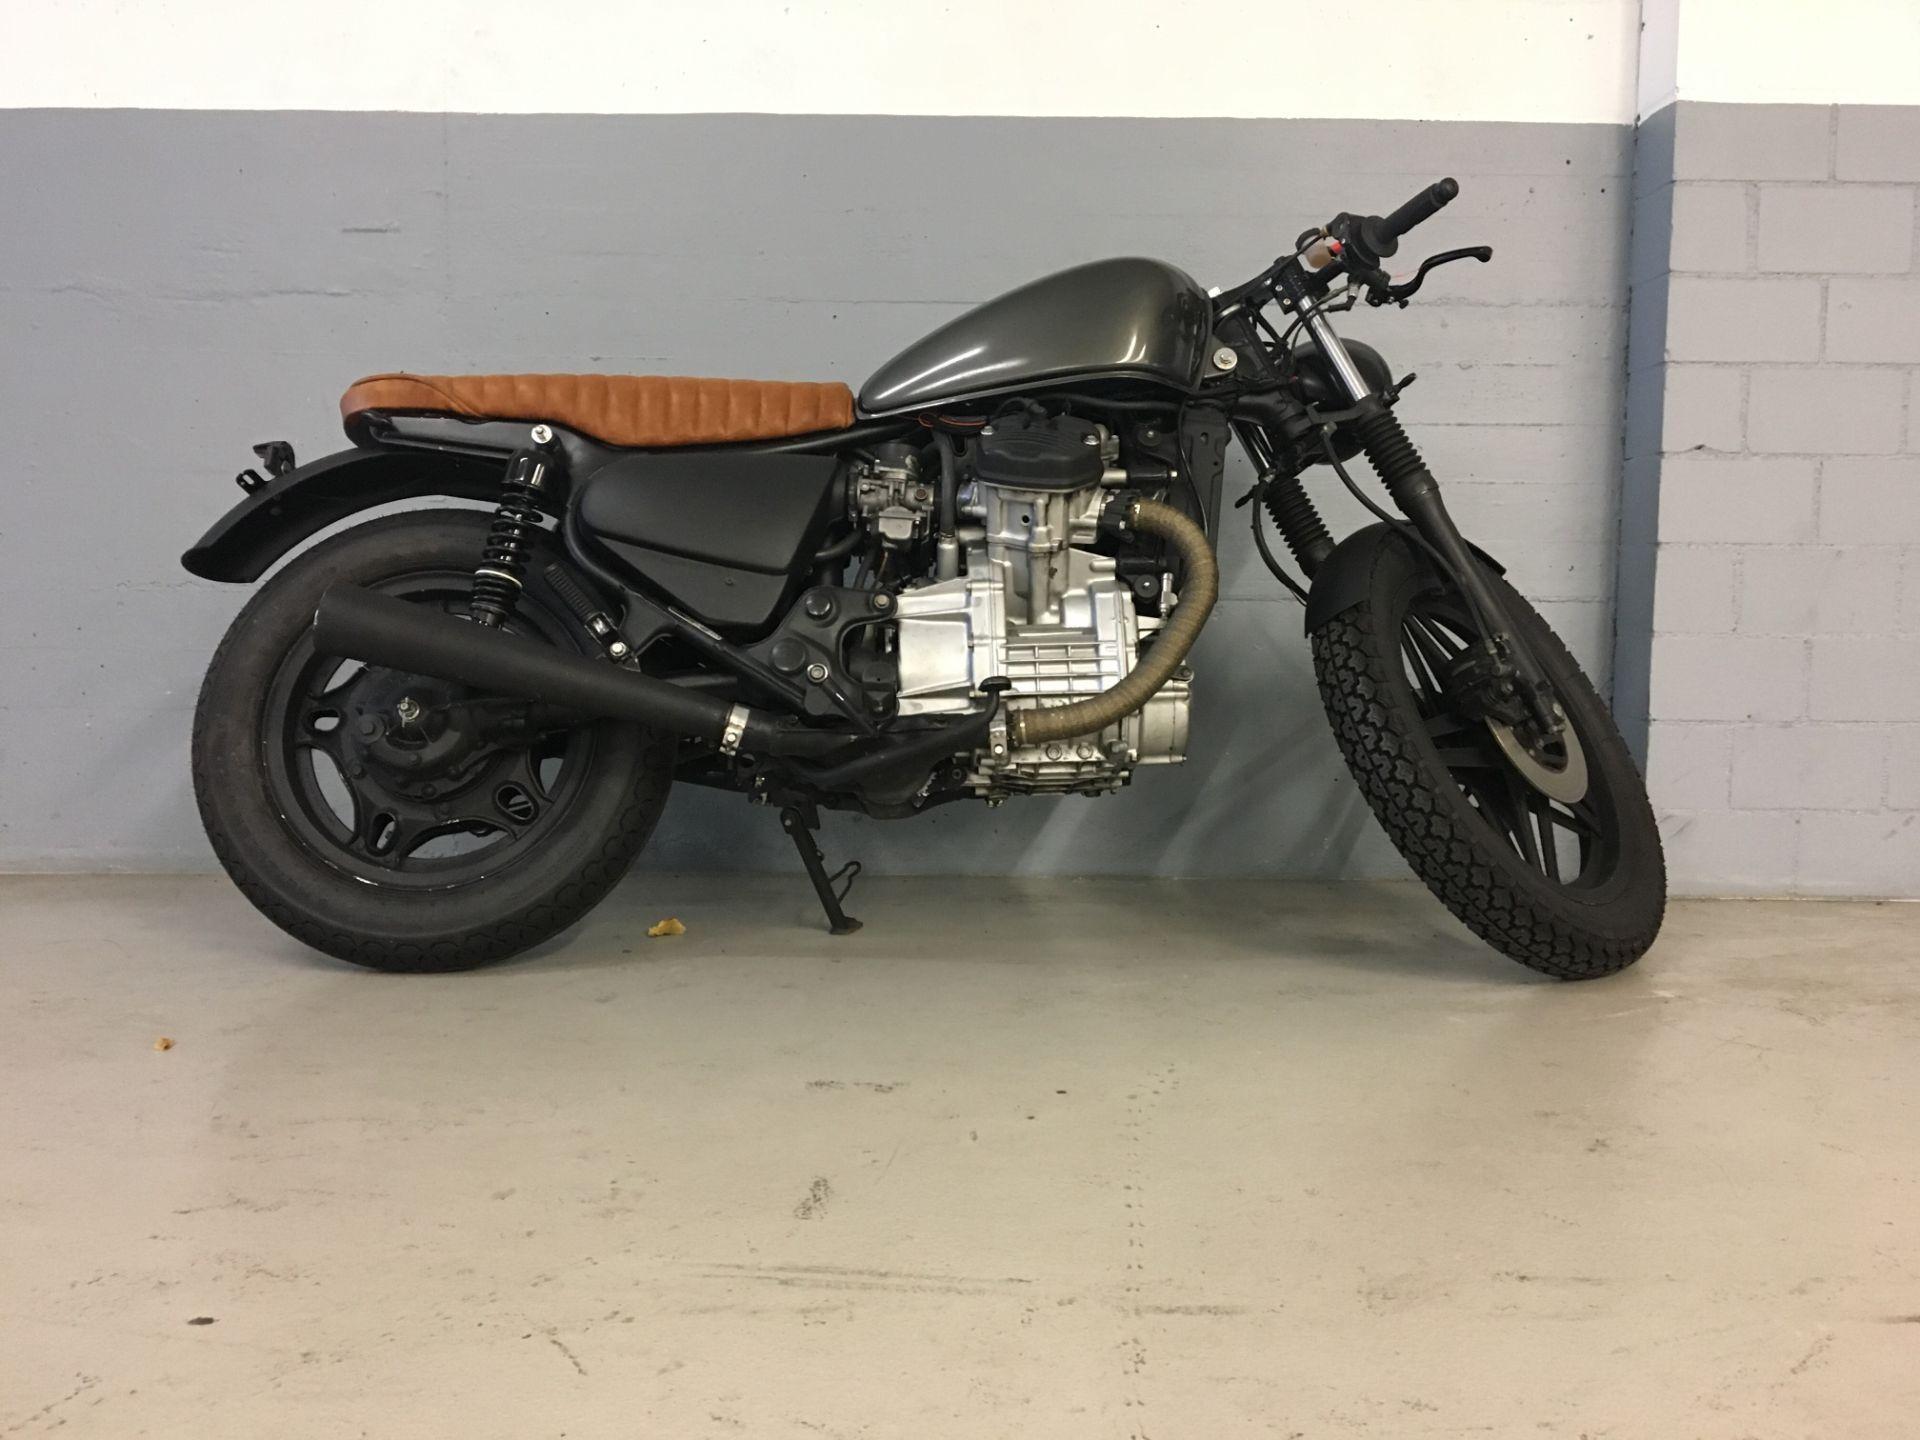 Motorrad Occasion Kaufen Honda Alle Cx 500 Tmotorcycles Gmbh Zurich Id 7798441